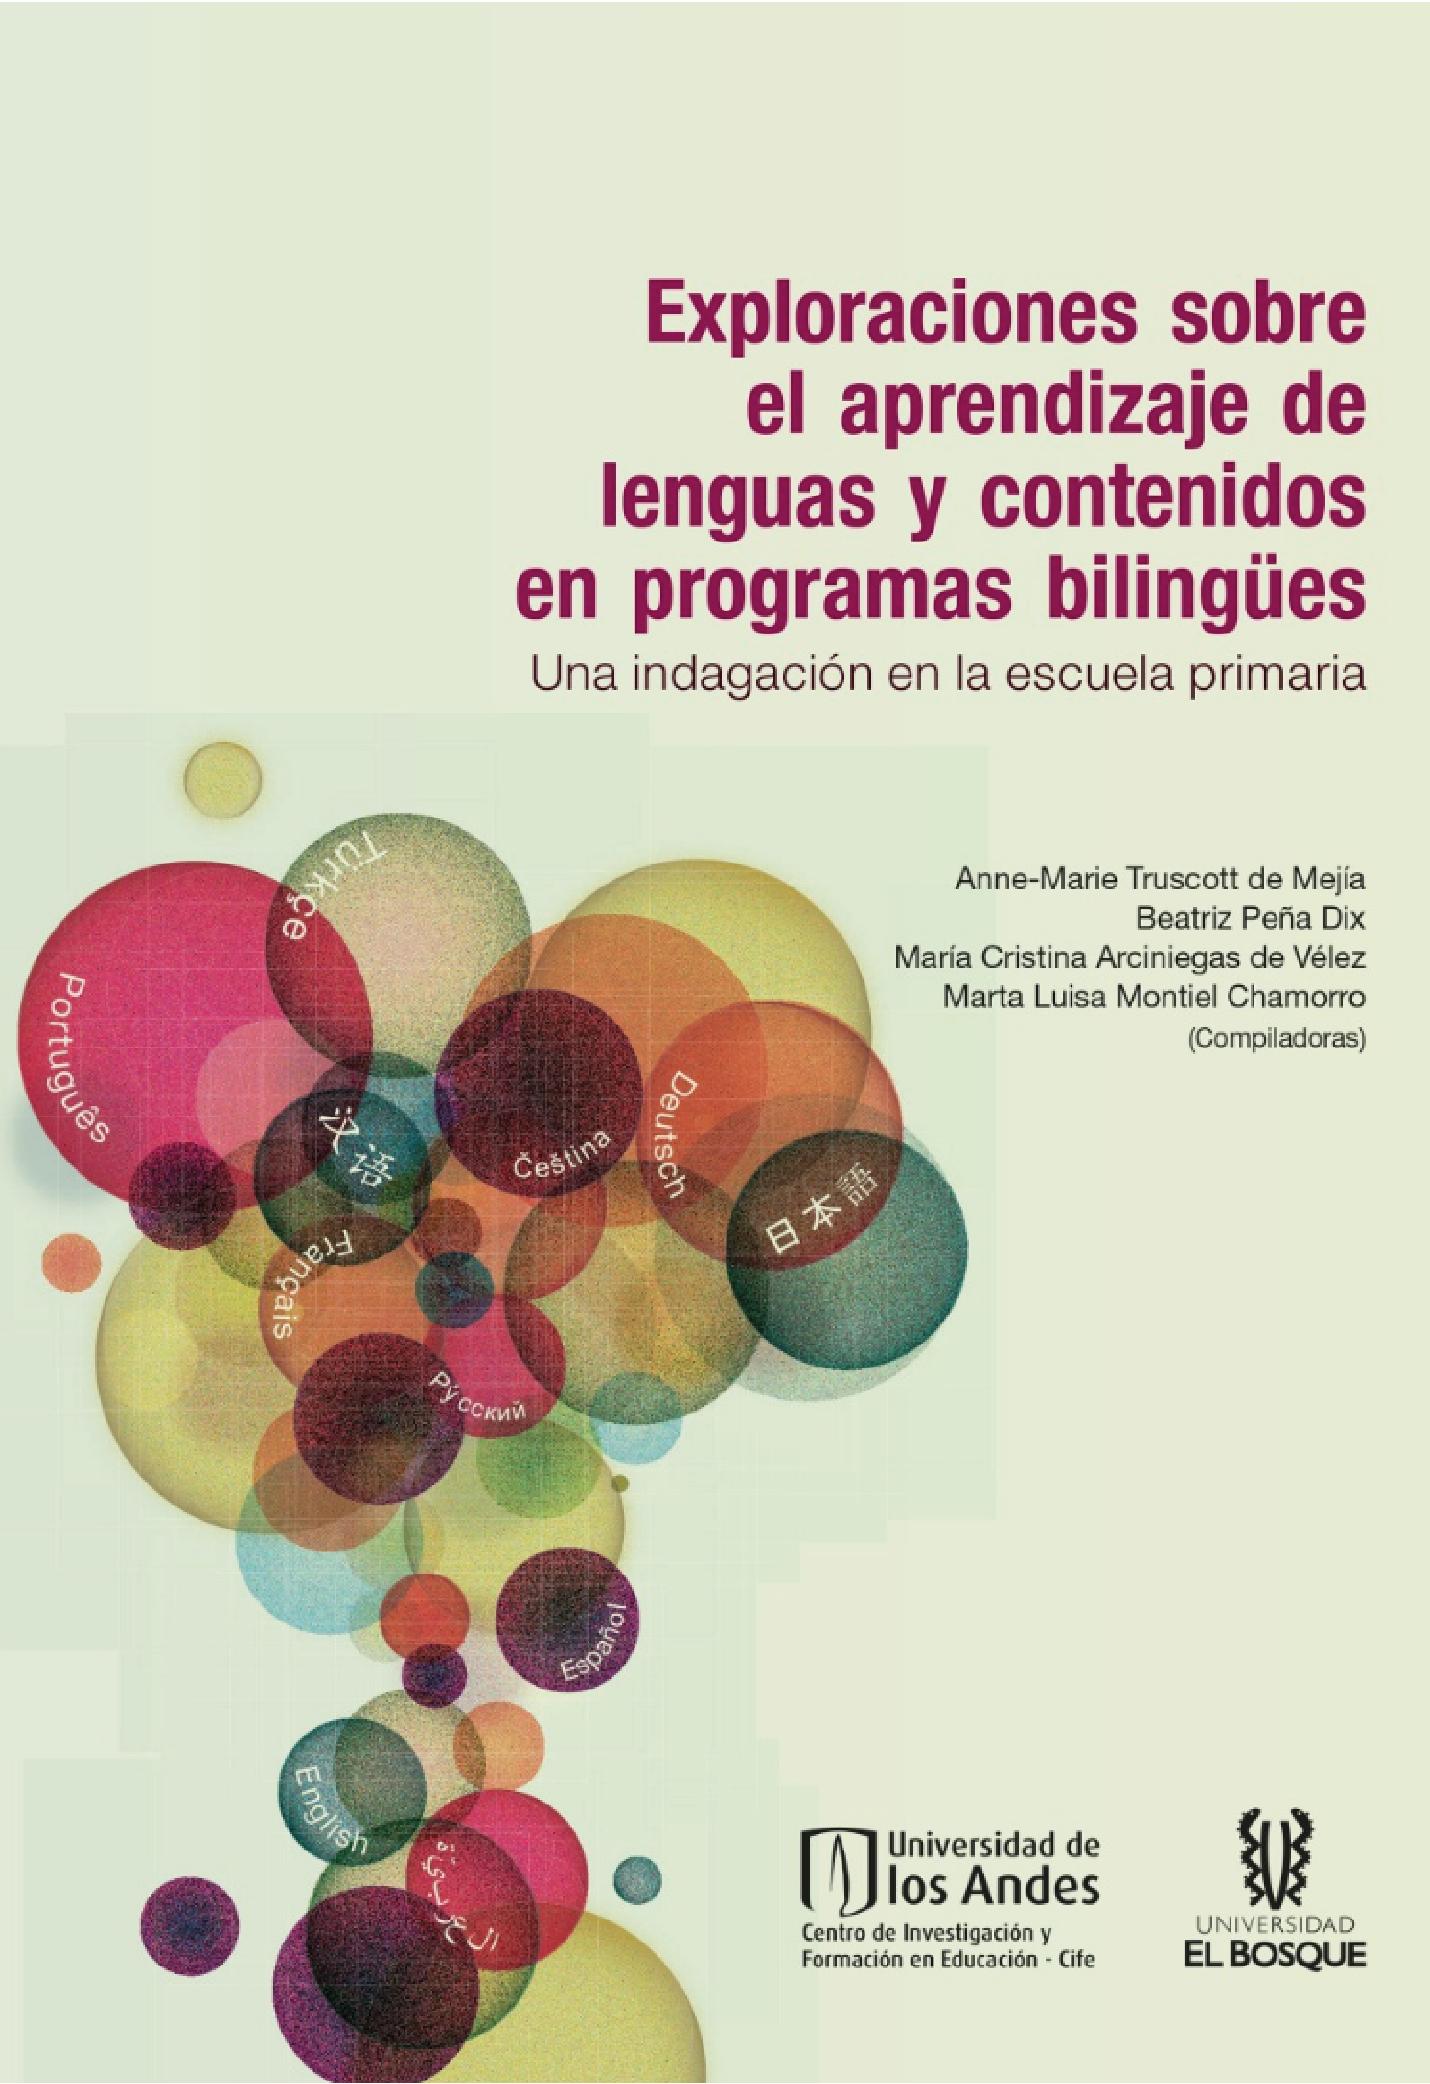 Exploraciones sobre el aprendizaje de lenguas y contenidos en programas bilingües